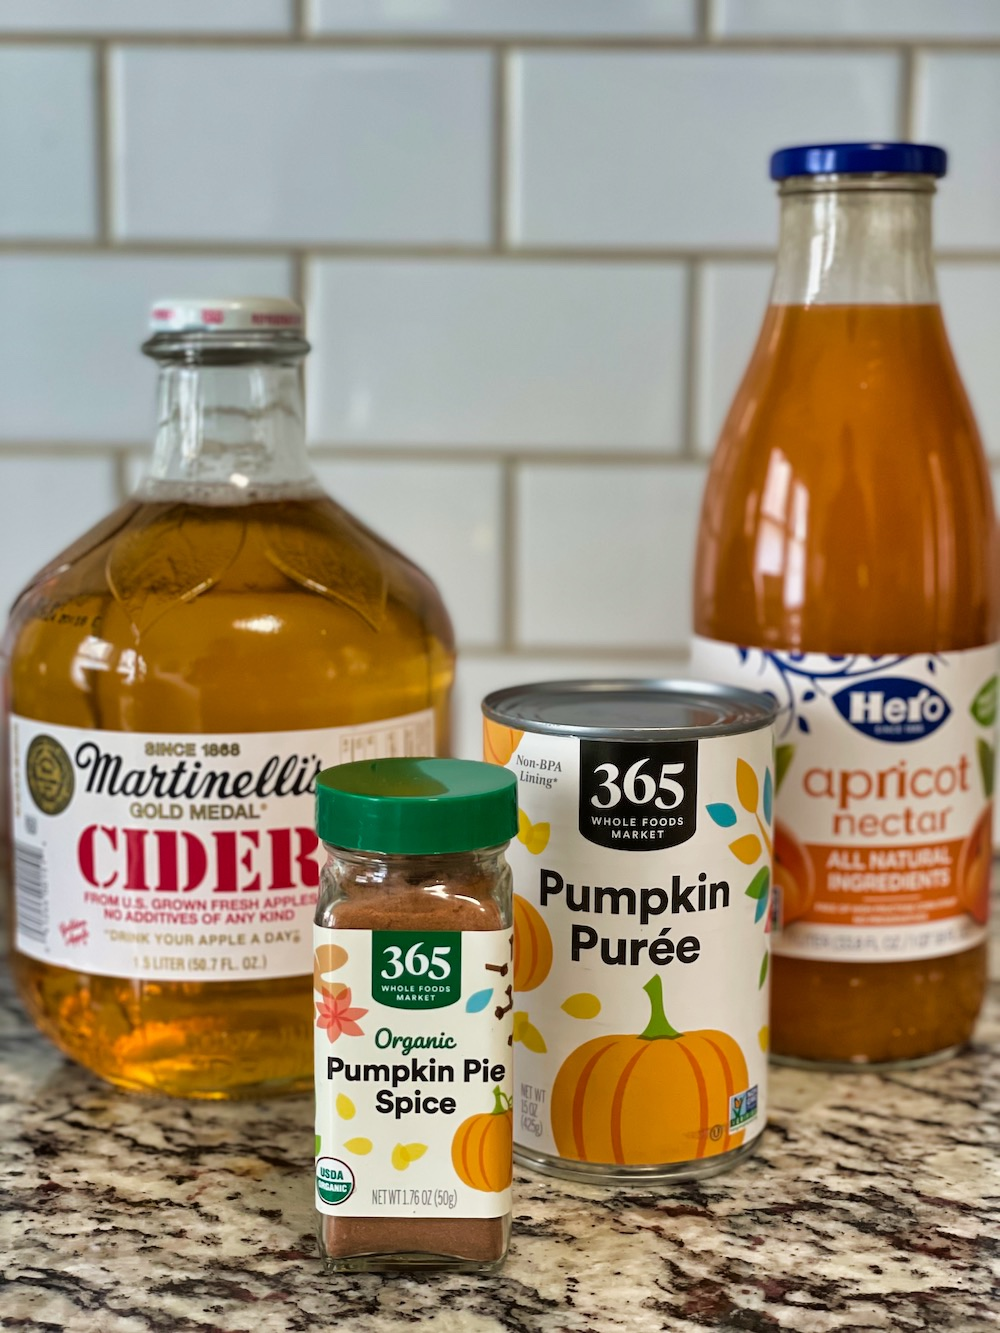 Pumpkin Juice - Recipe Ingredients